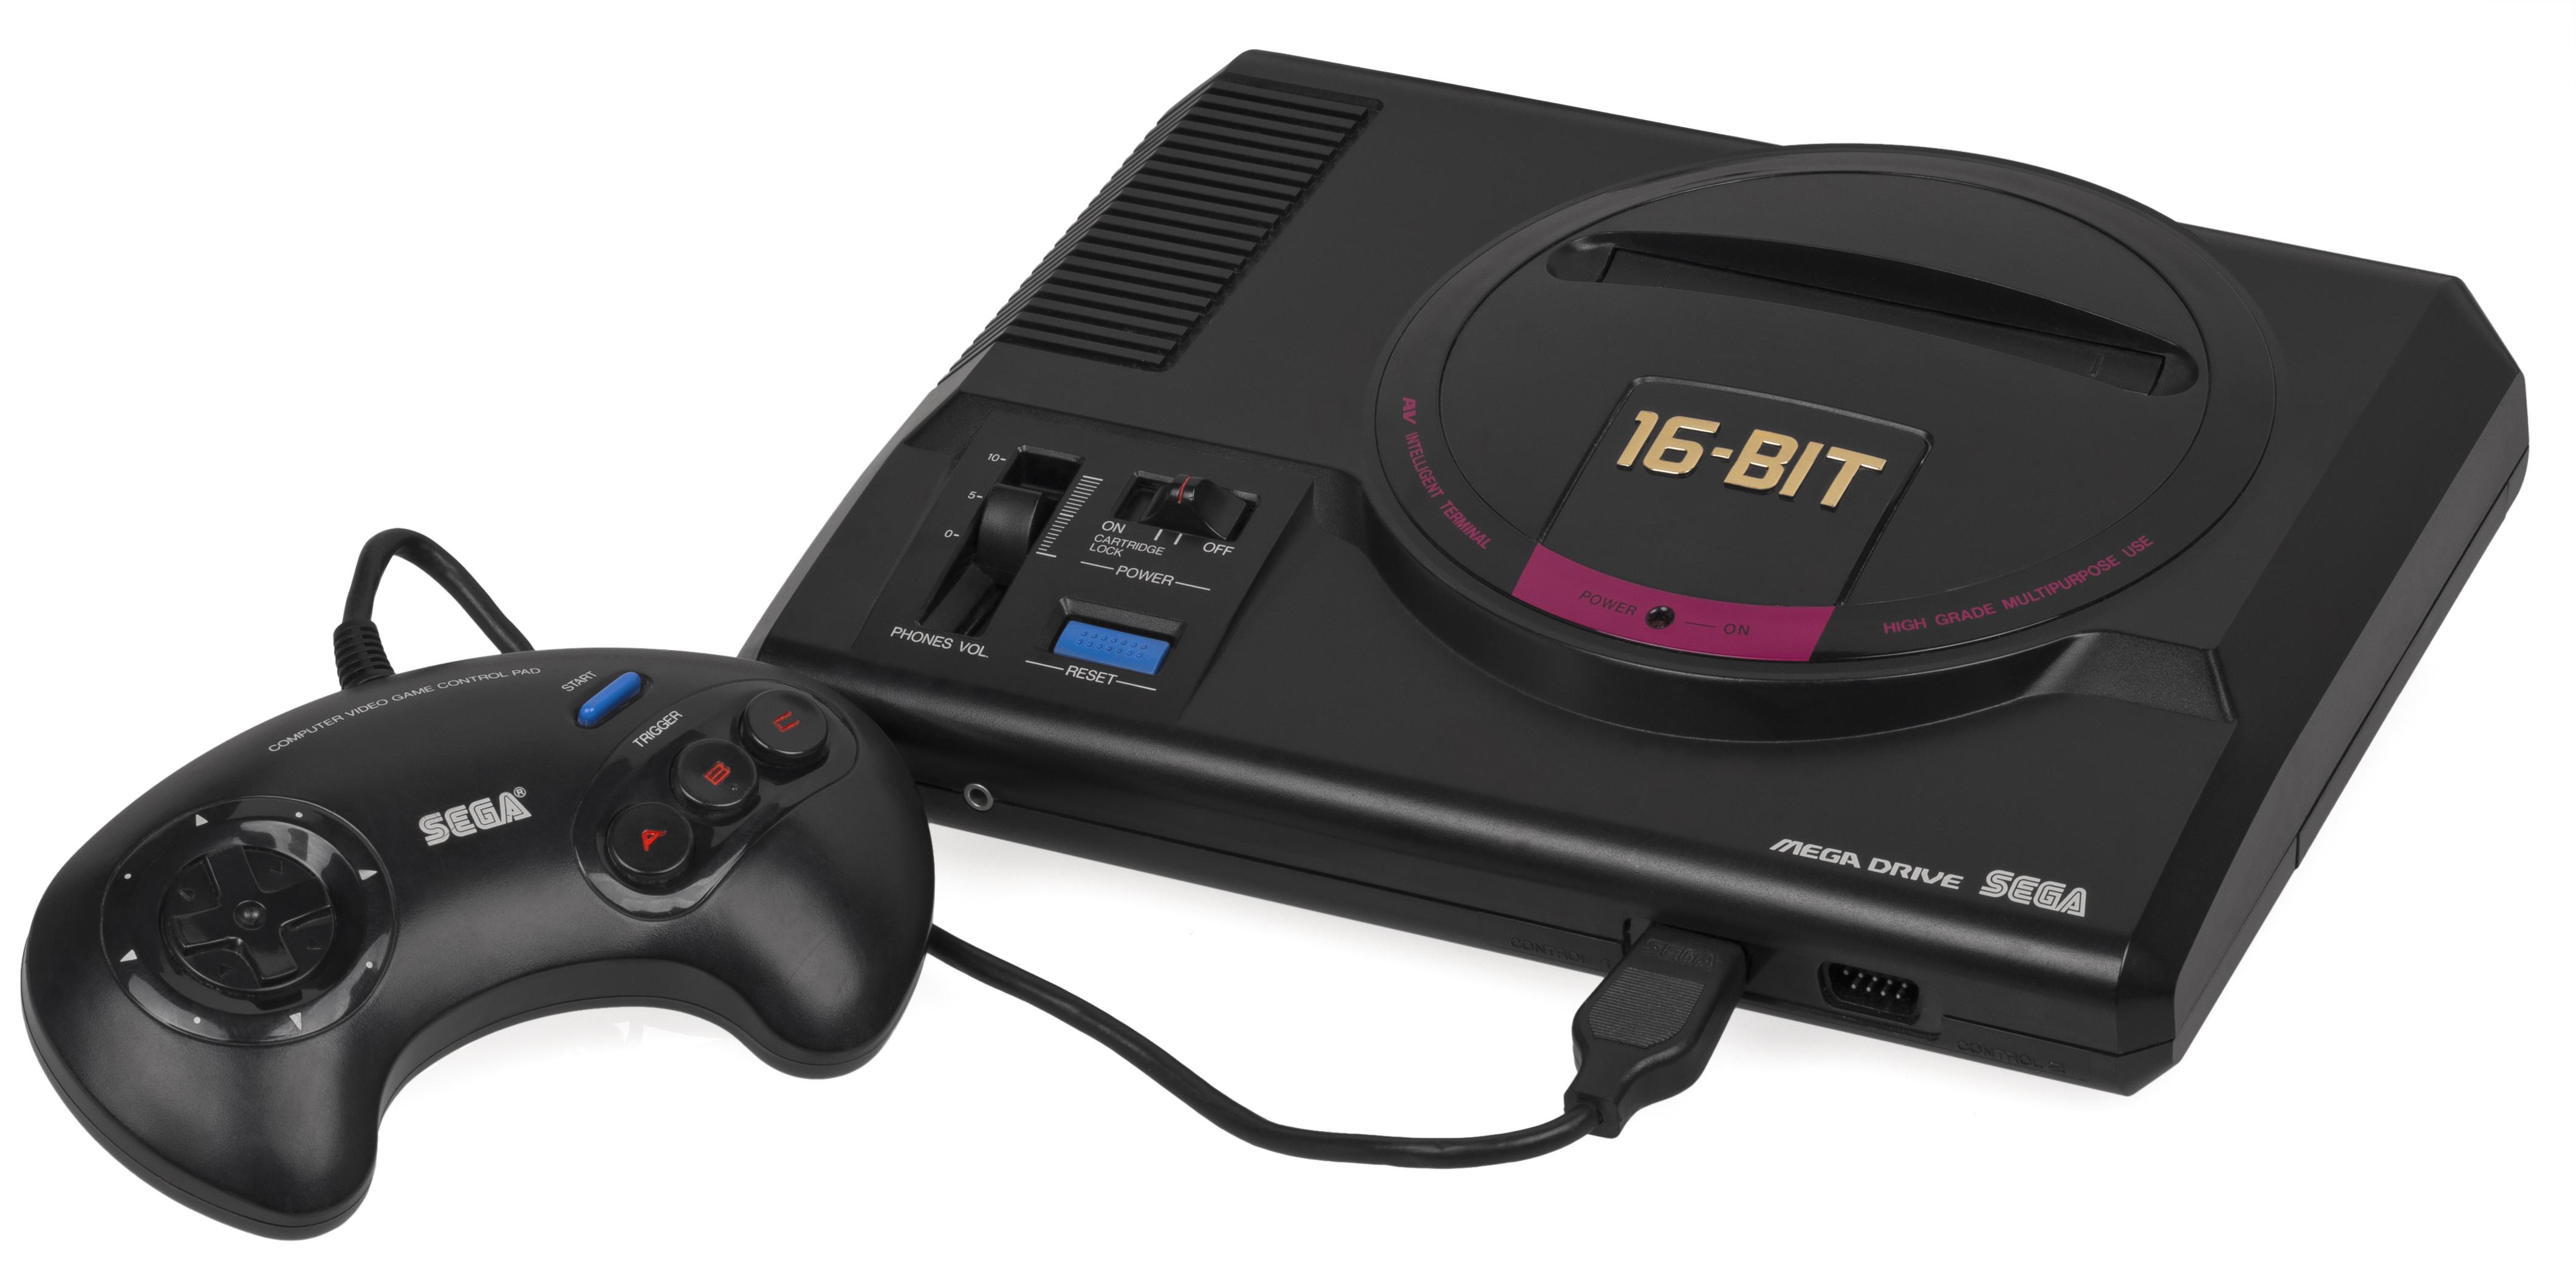 The Genesis/Mega Drive Mini has been delayed in Europe screenshot